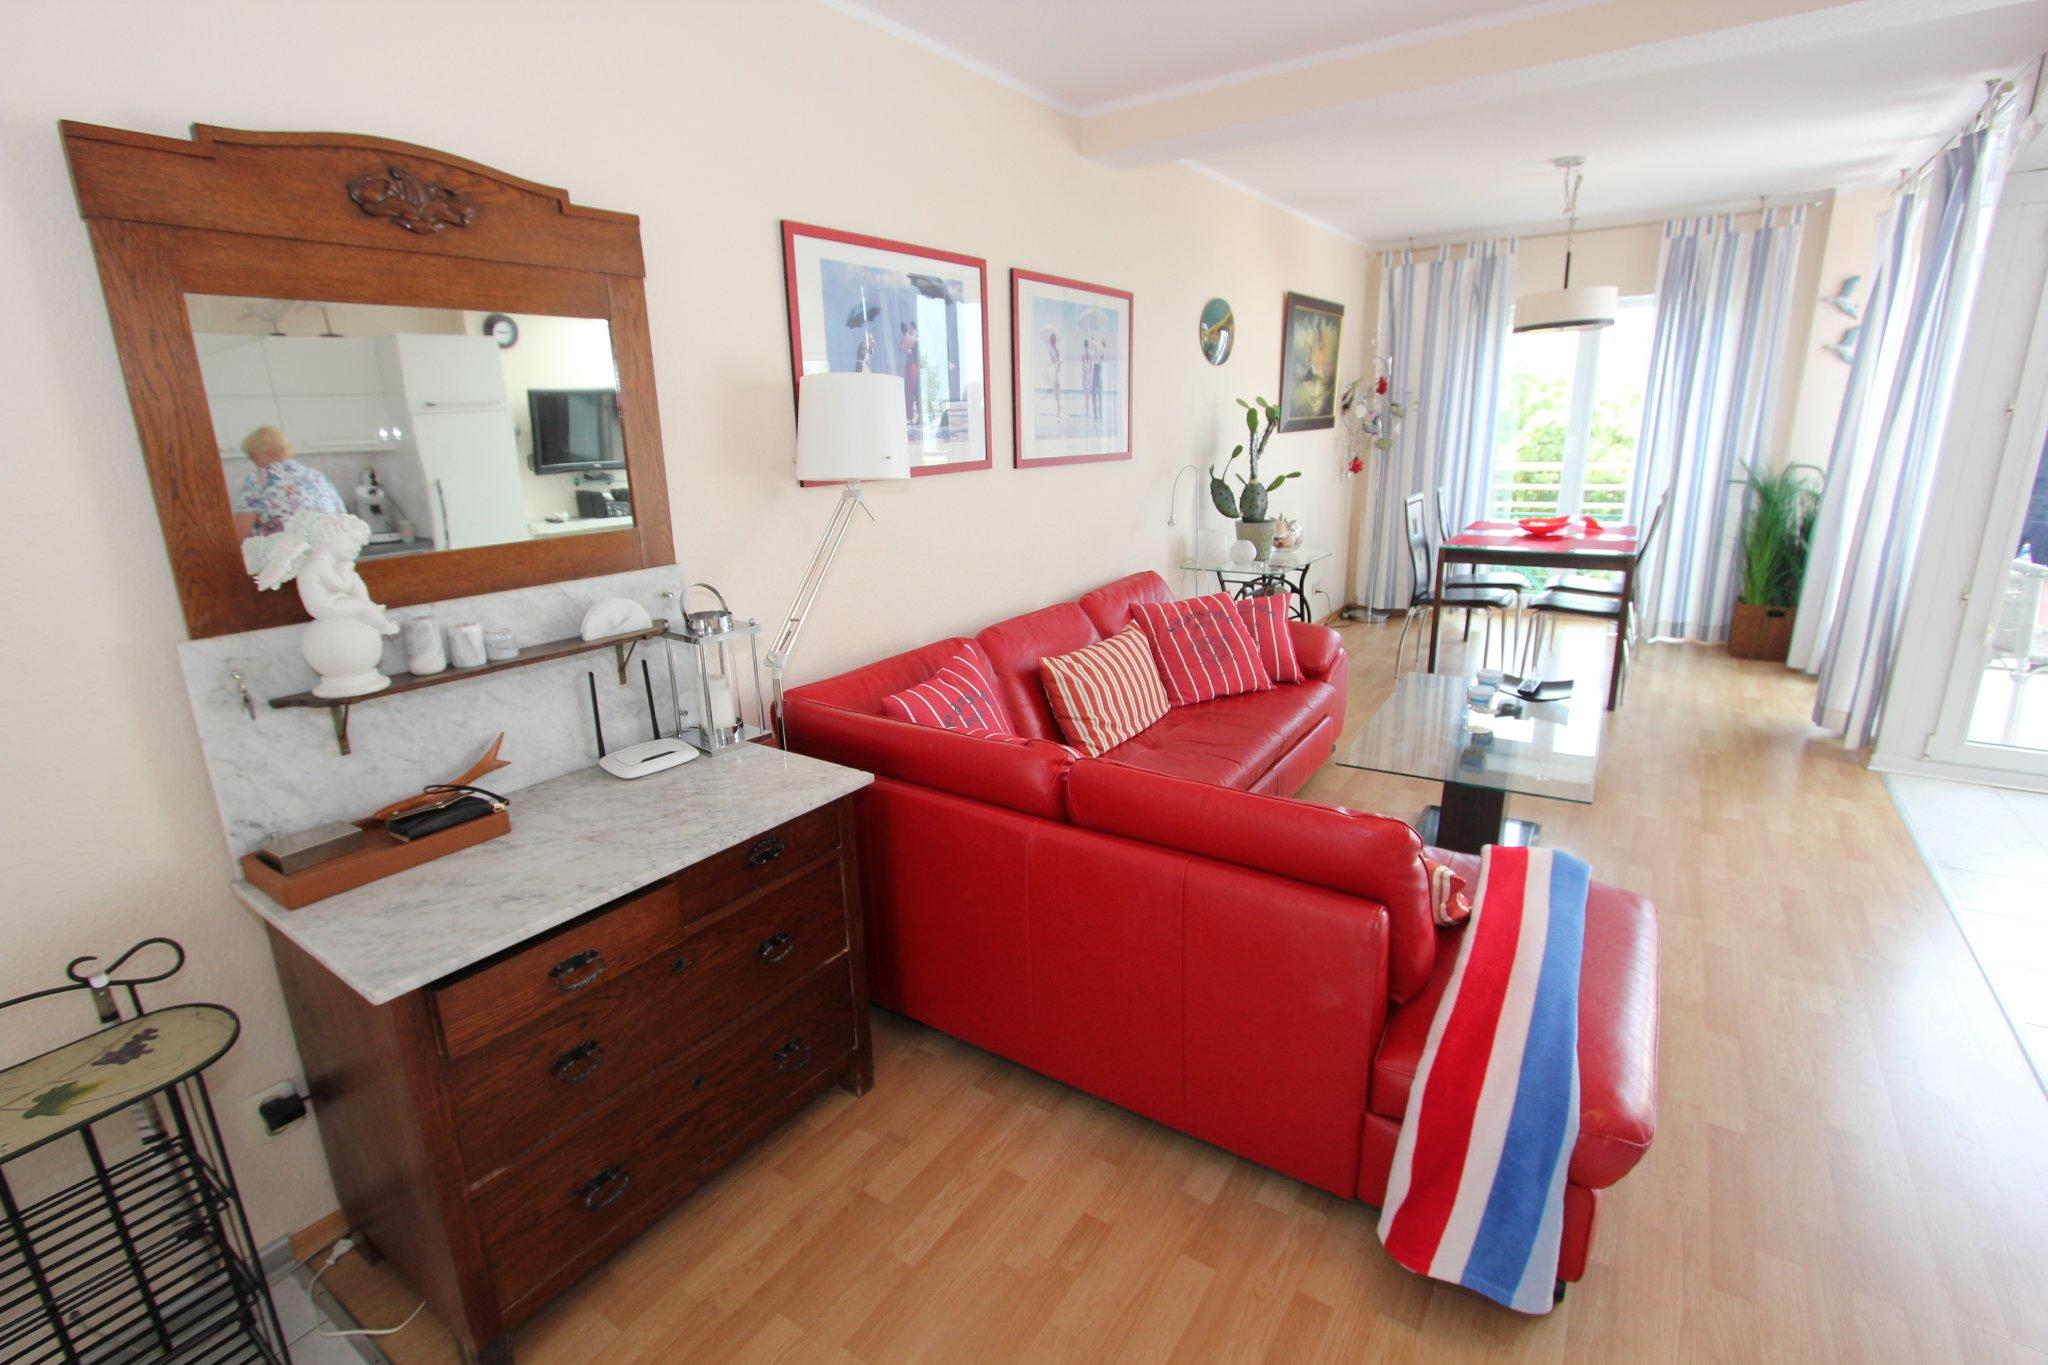 Wohnzimmer mit Esstisch im Hintergrund.